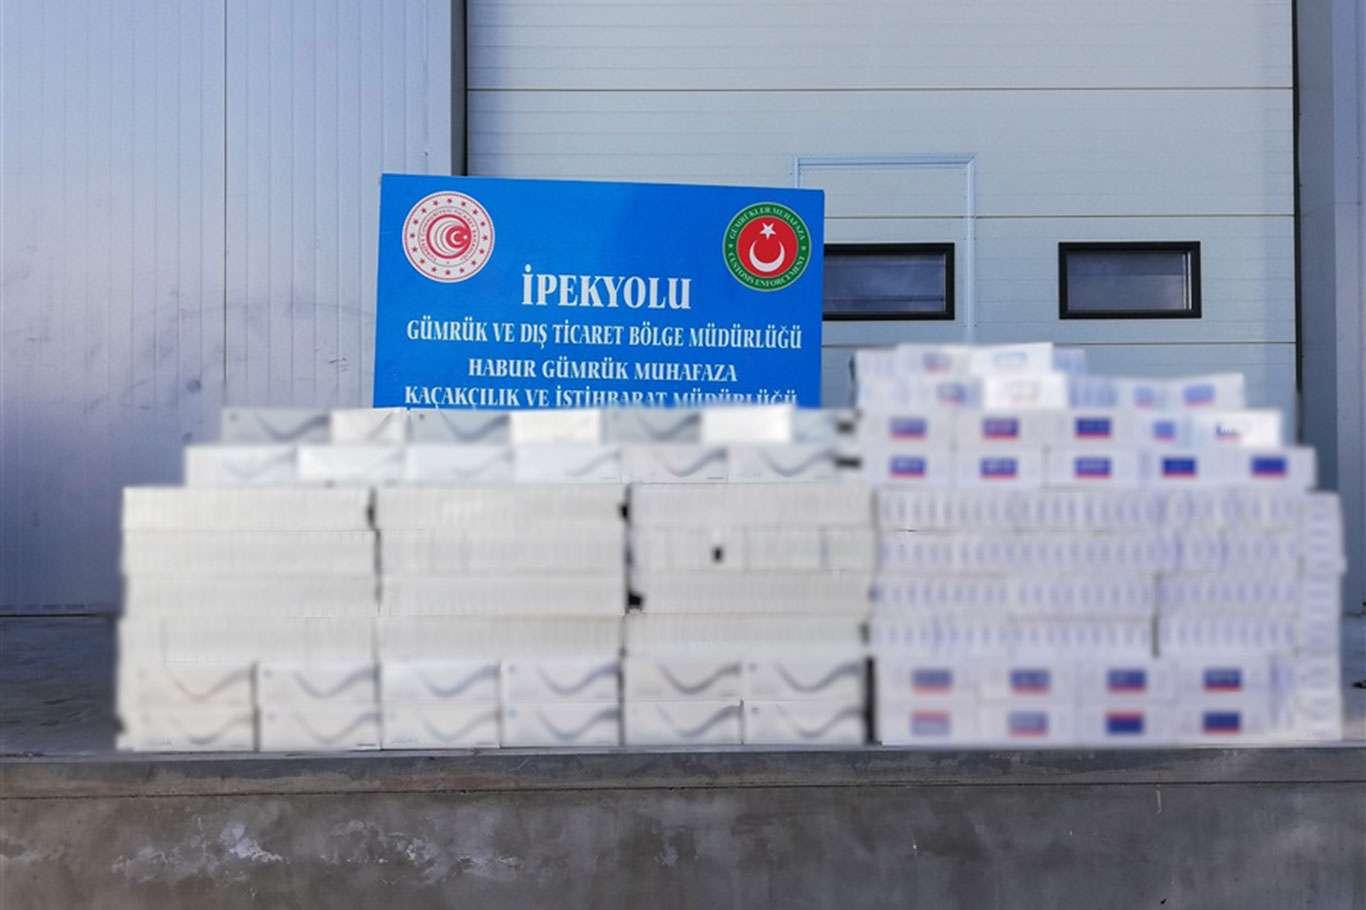 Habur Sınır Kapısında binlerce kaçak sigara ve yüzlerce cep telefonu ele geçirildi